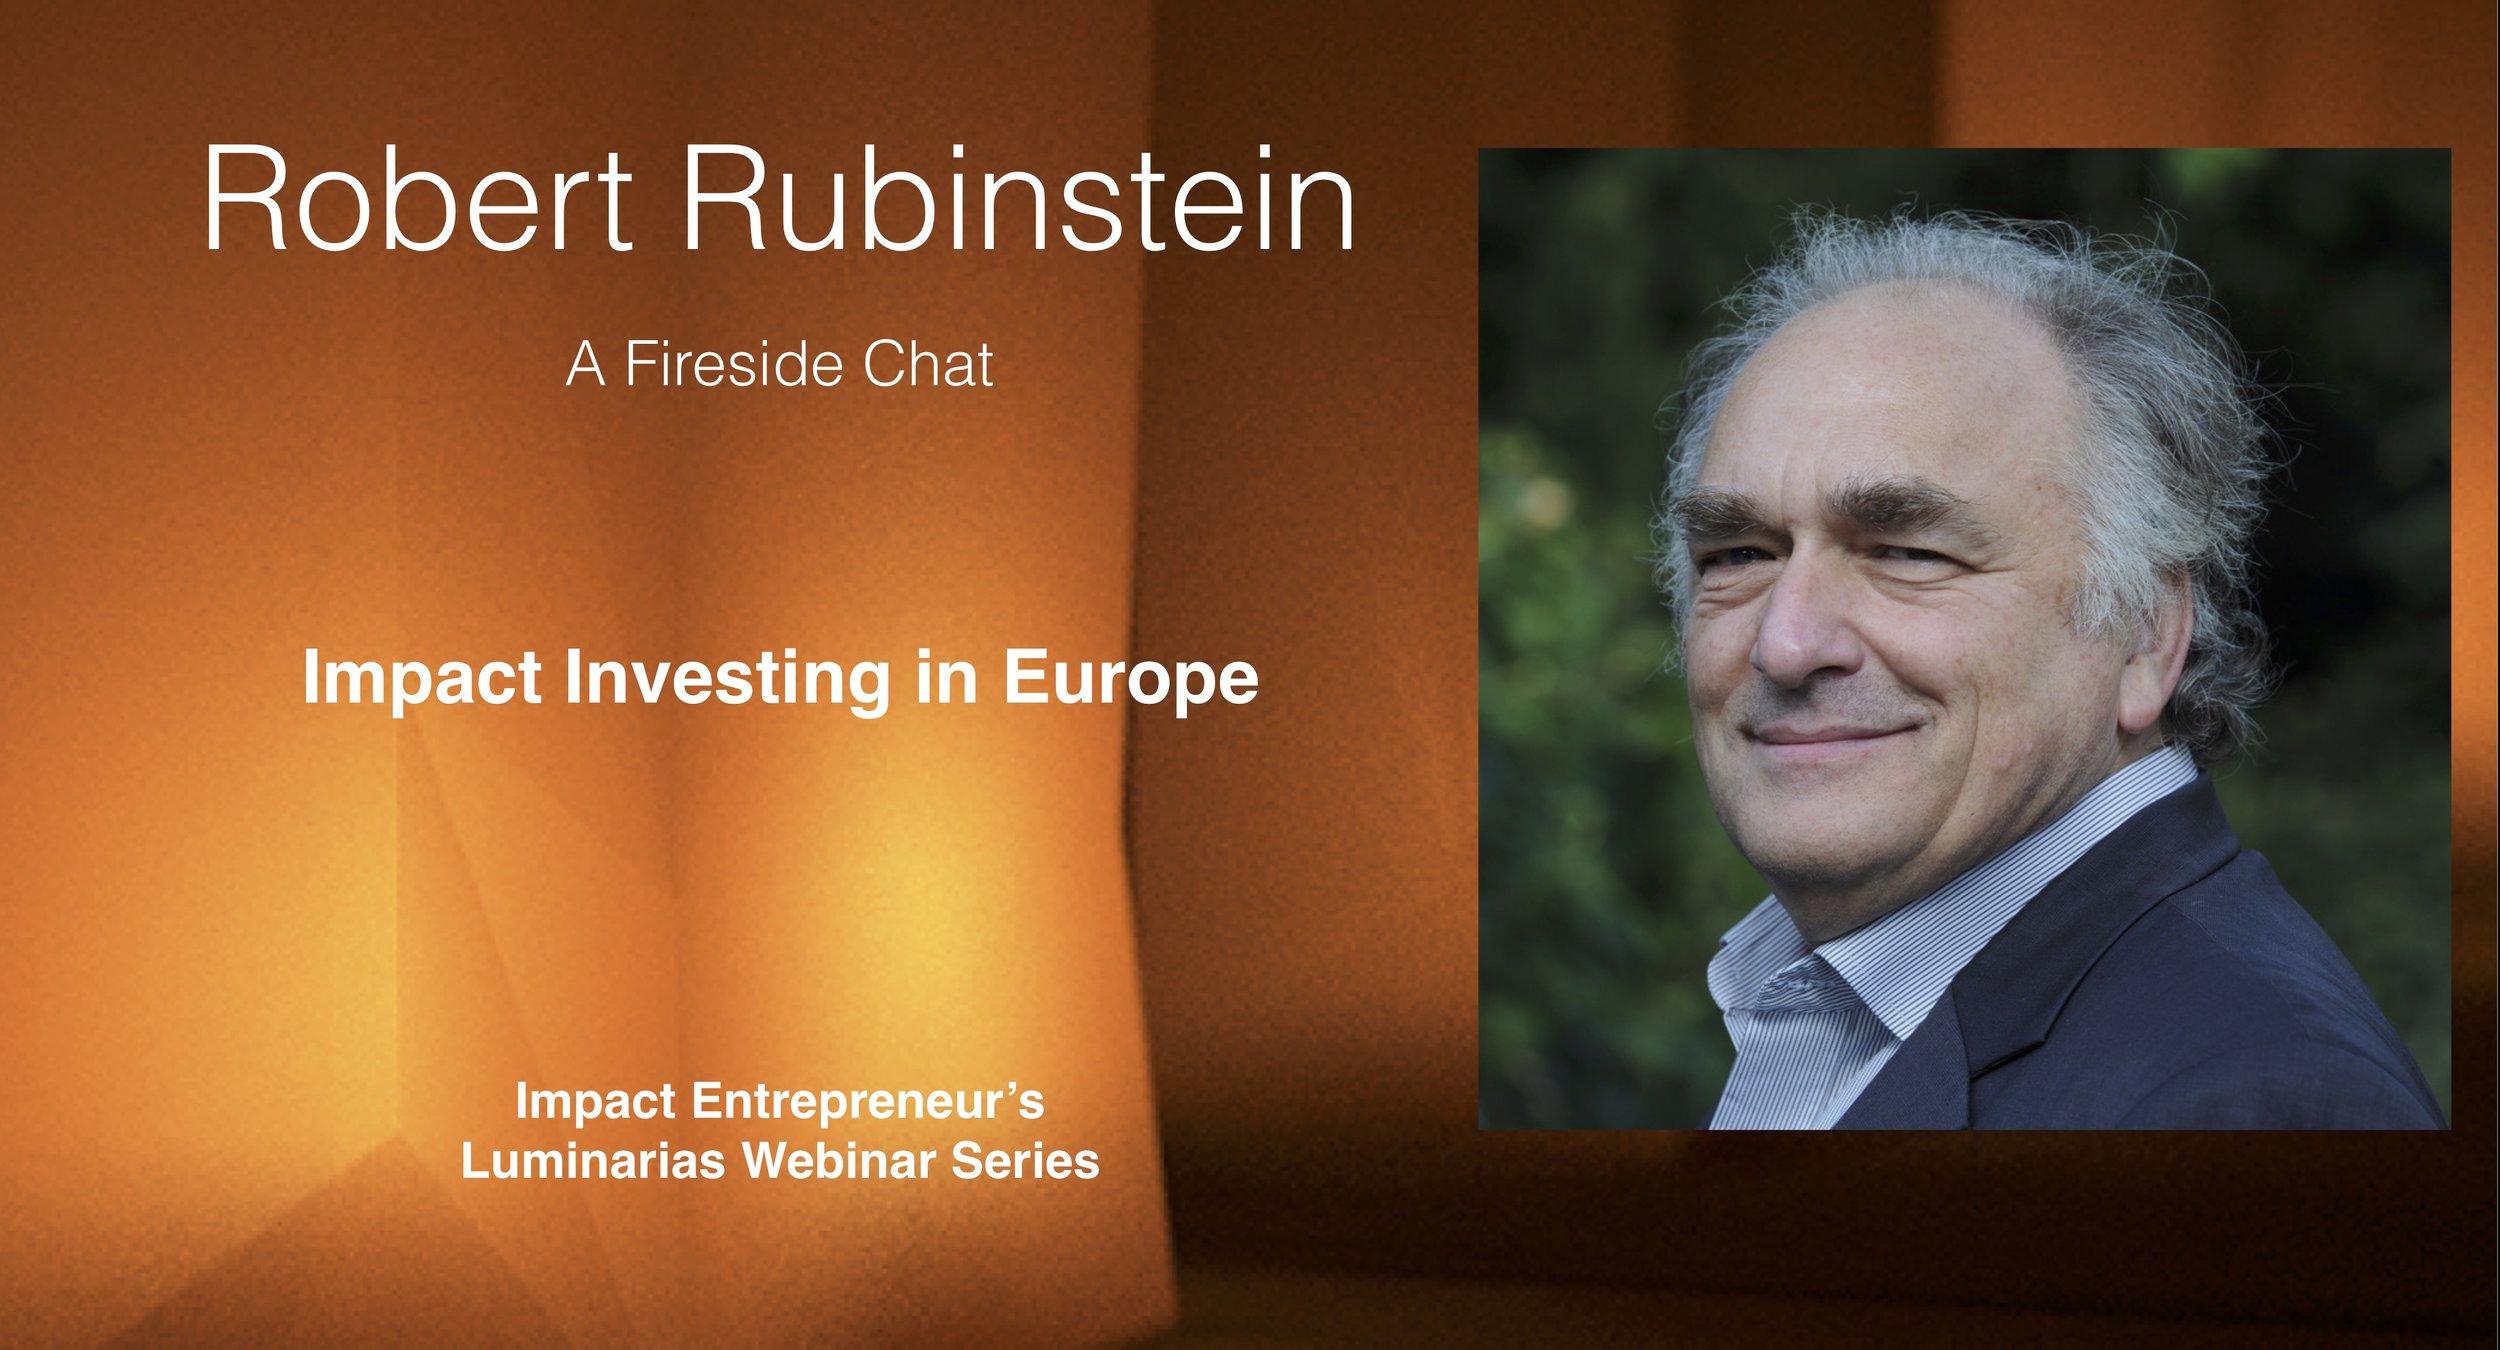 Robert Rubinstein Lead Image.jpg